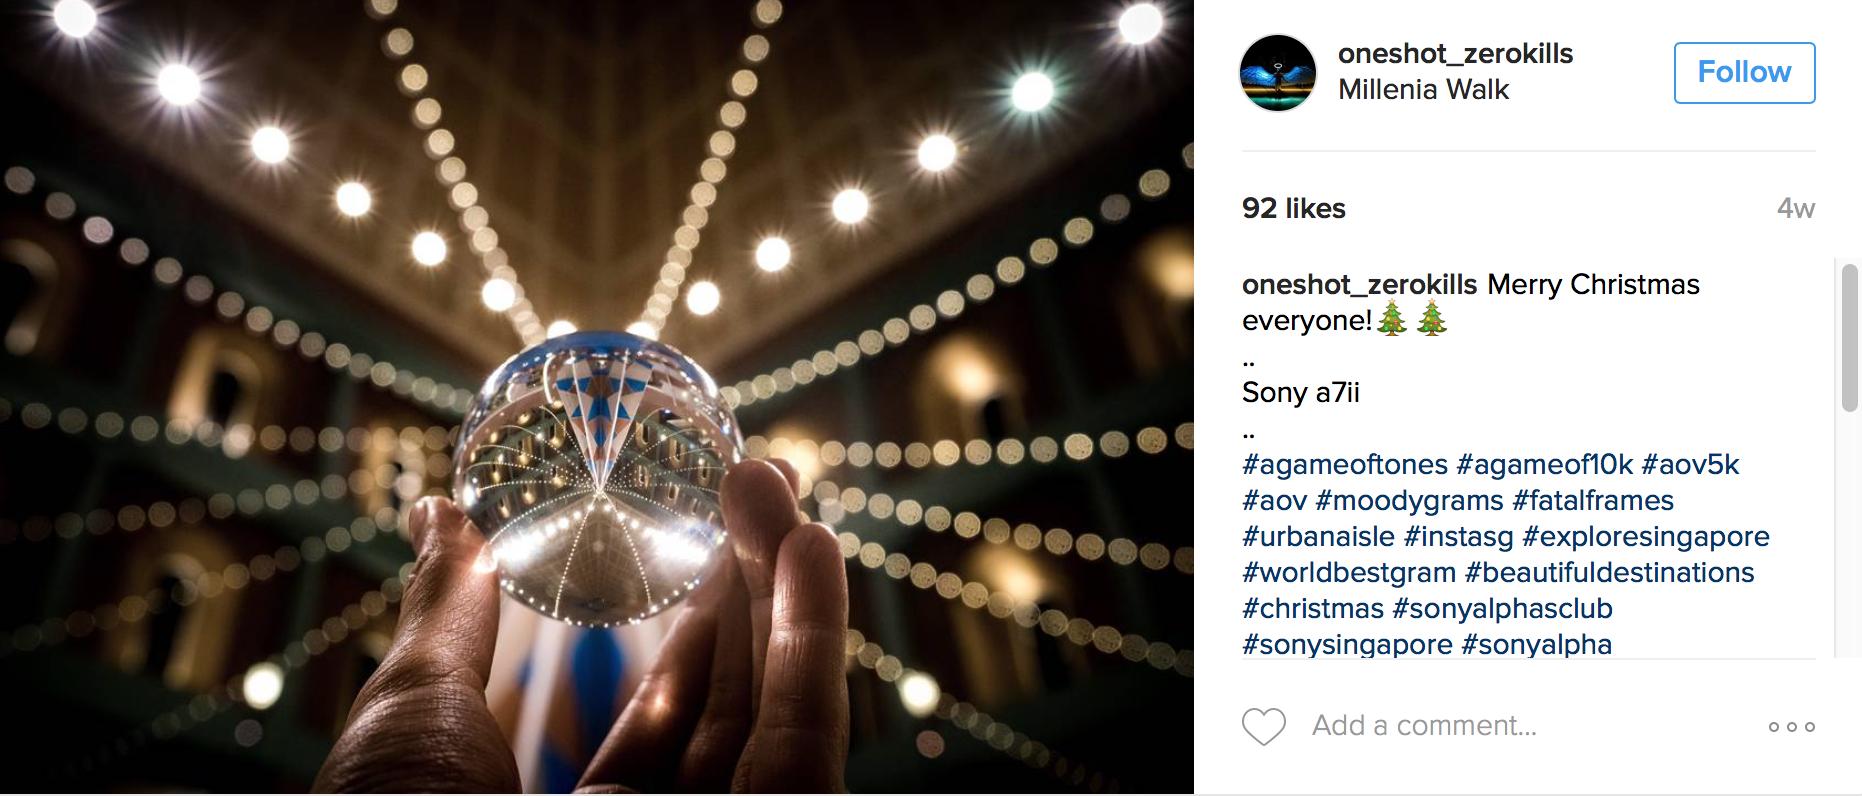 Instagram_Oneshot_zerokills.png